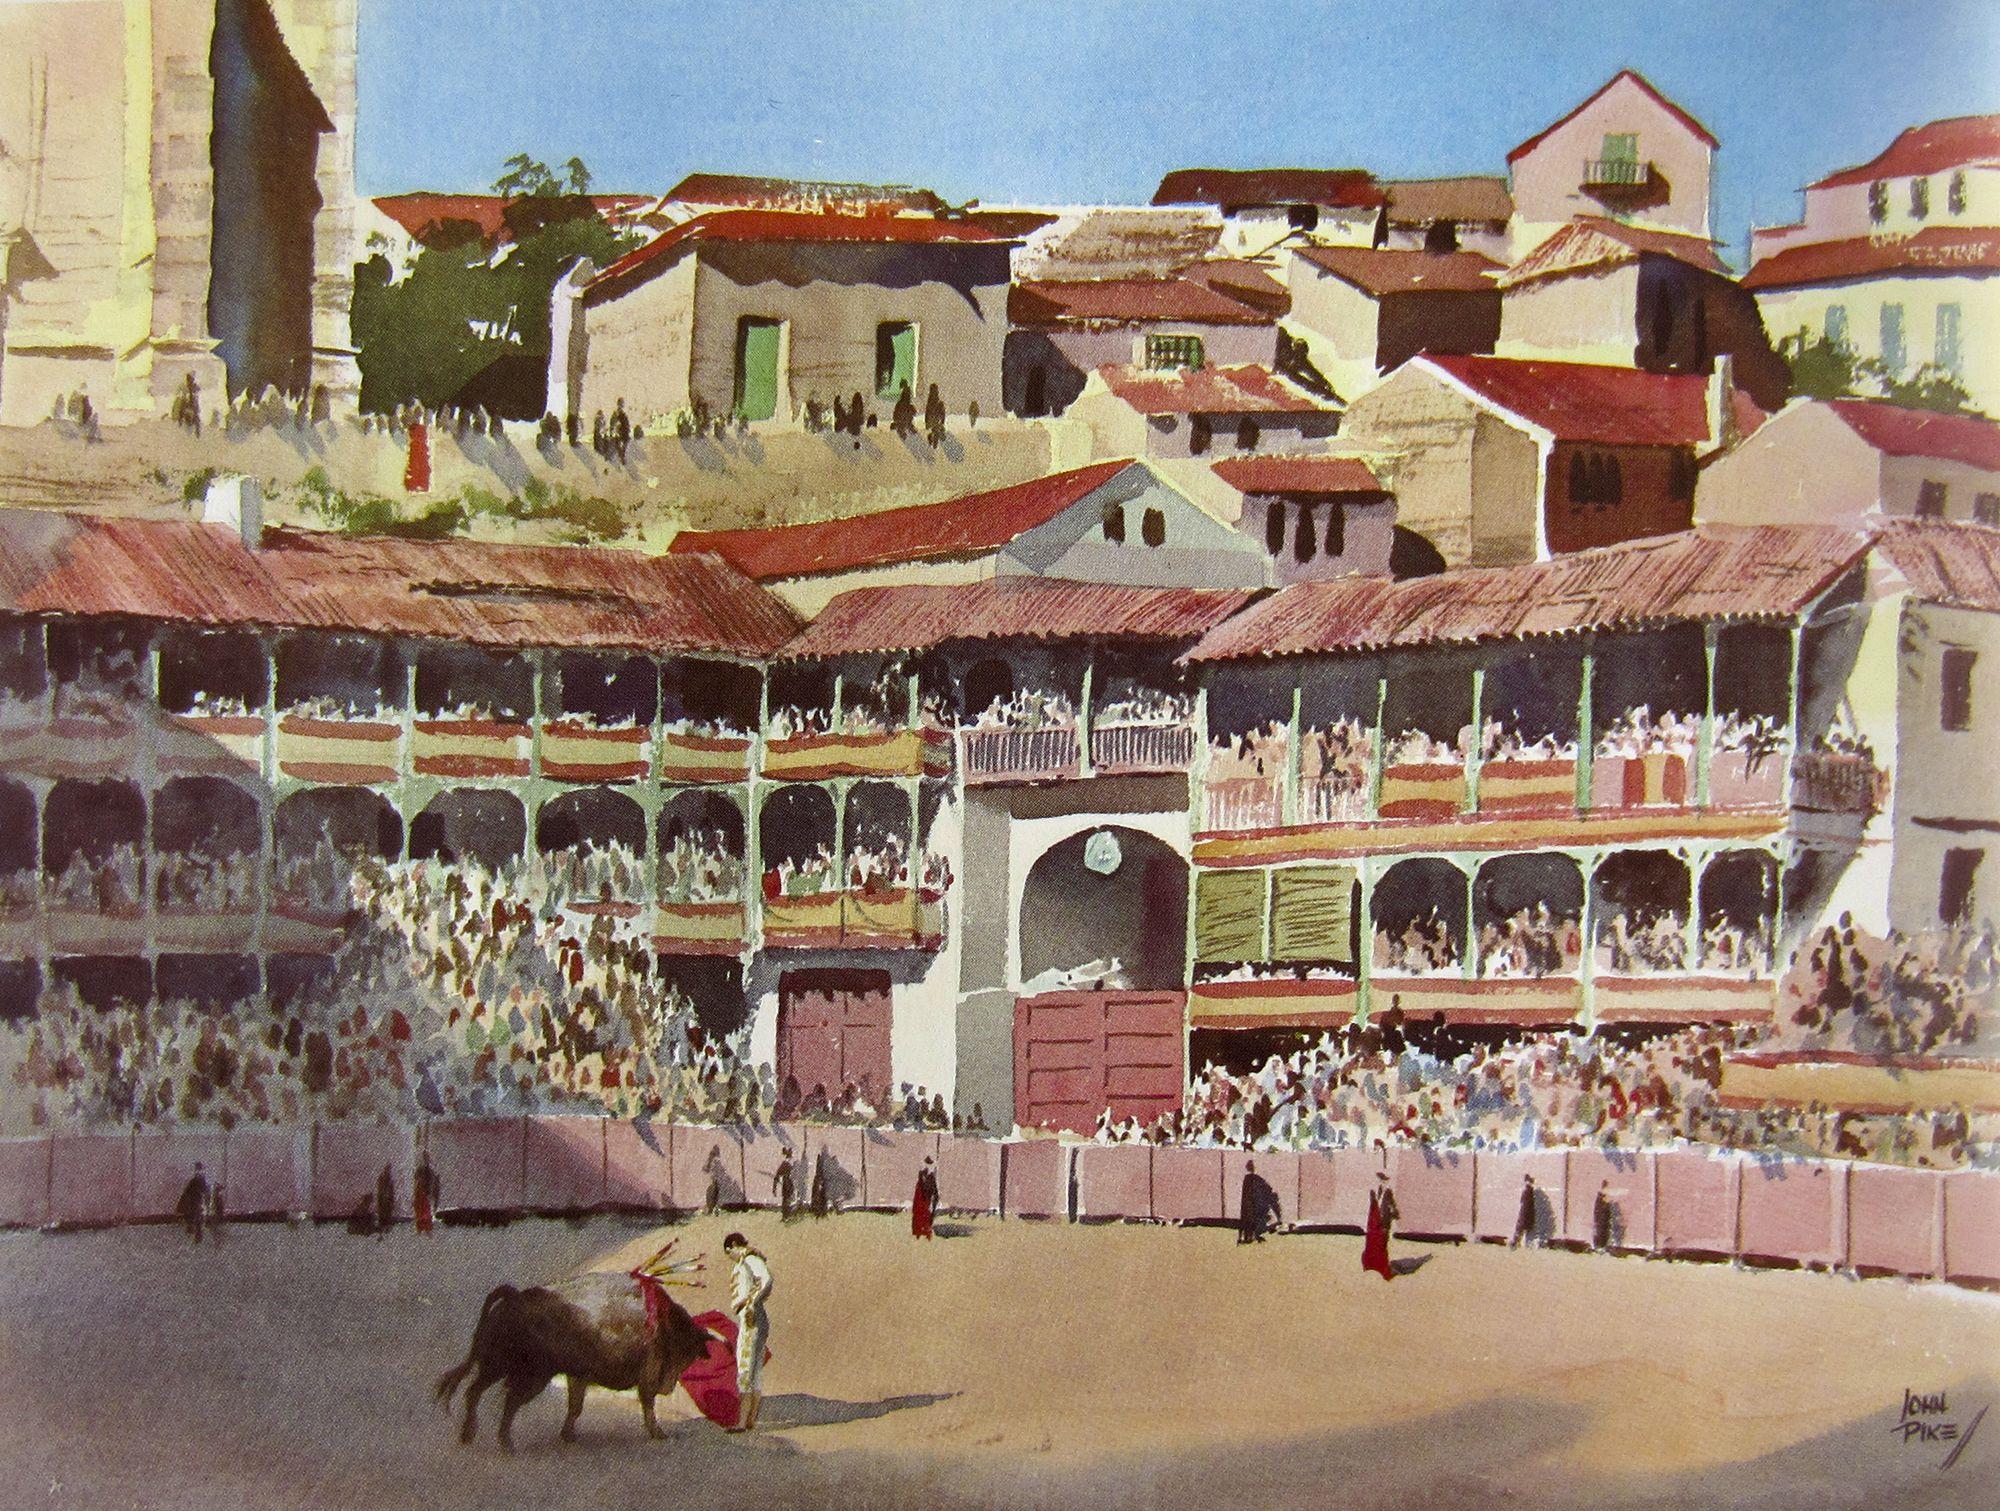 History of watercolor art - John Pike Watercolor